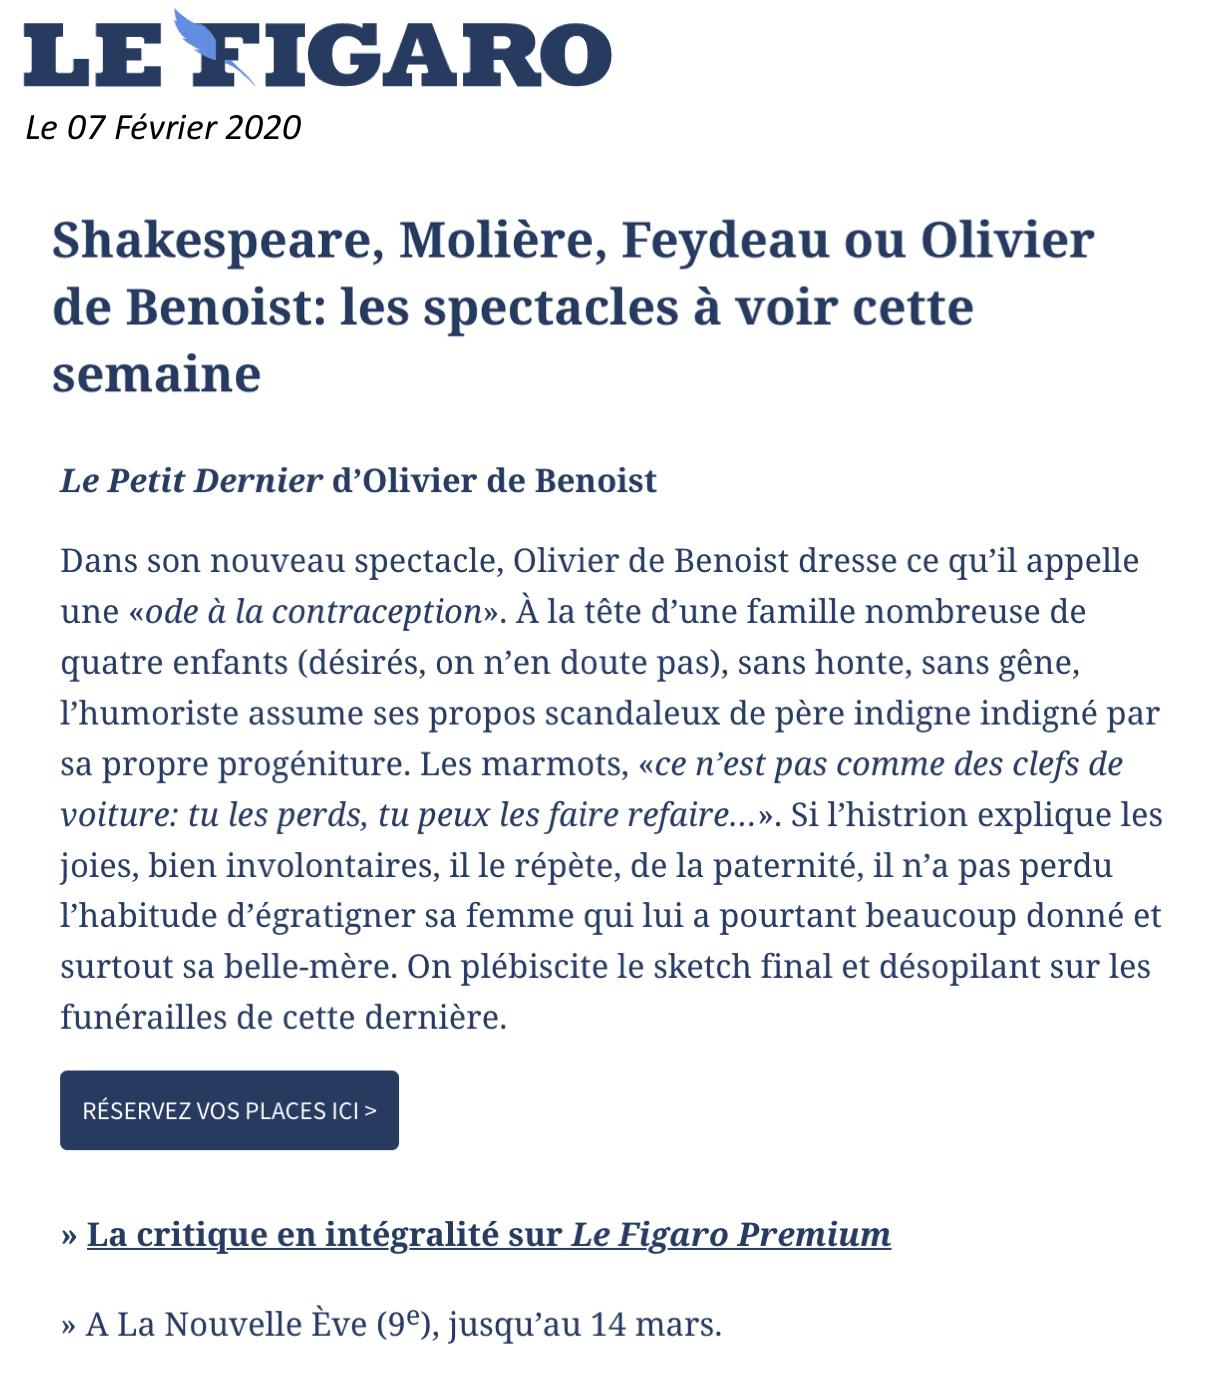 Le Figaro 07.02.20